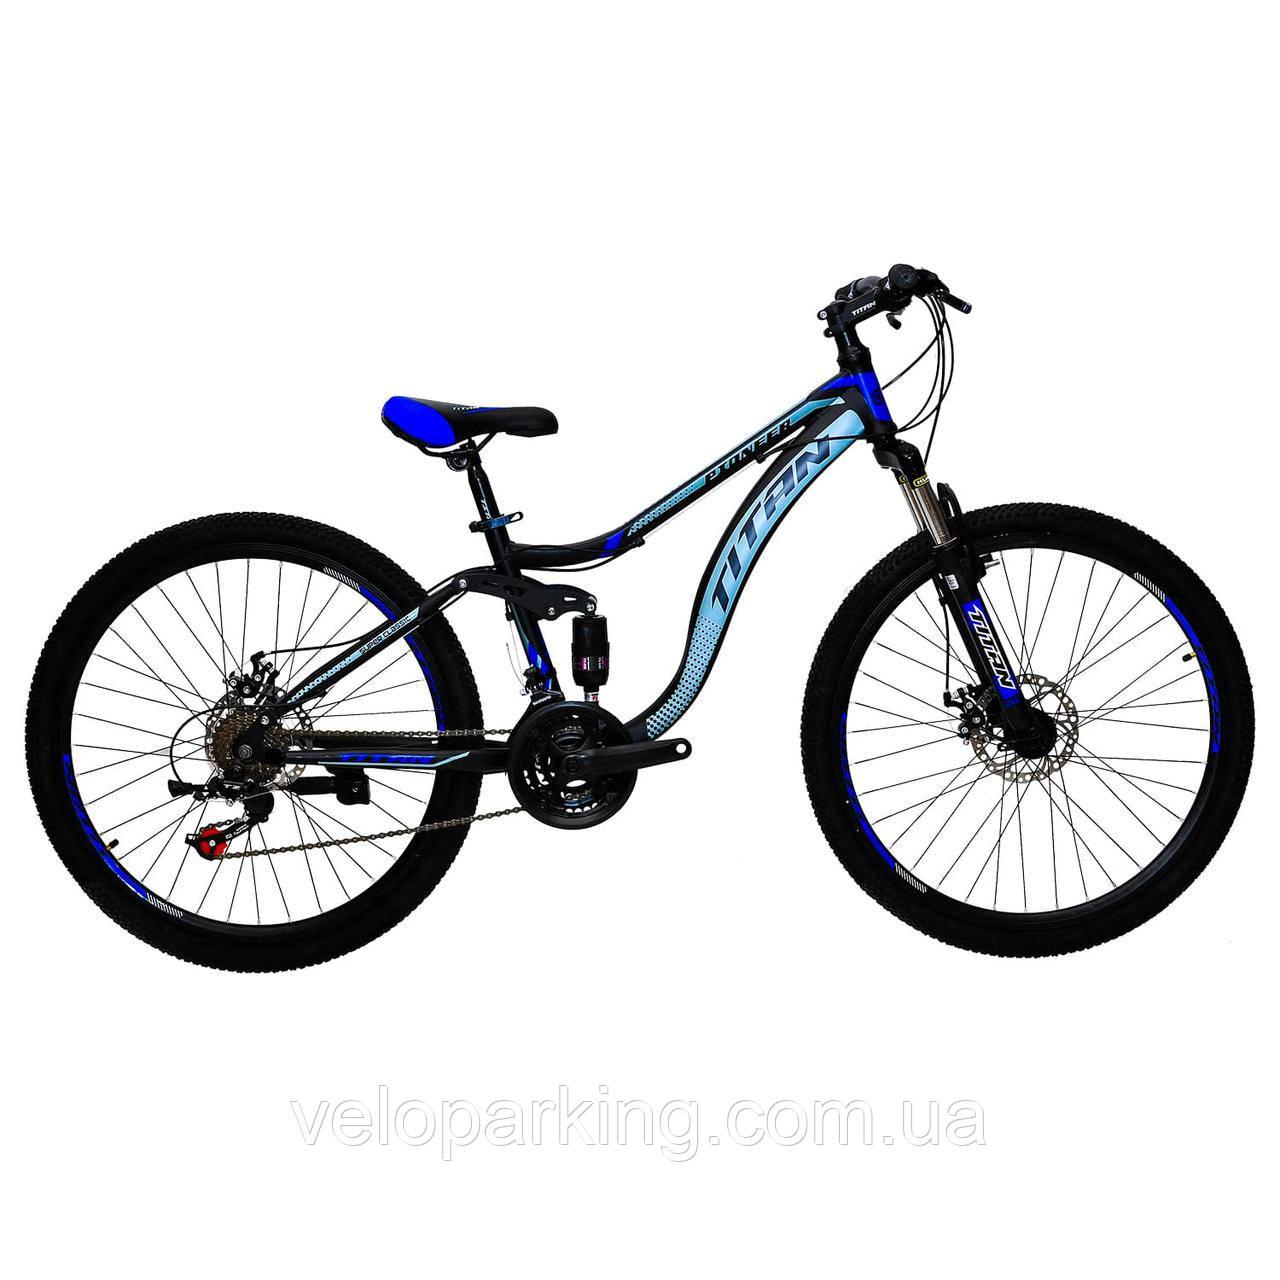 Горный велосипед Titan Pioneer 26 disk (2018) new